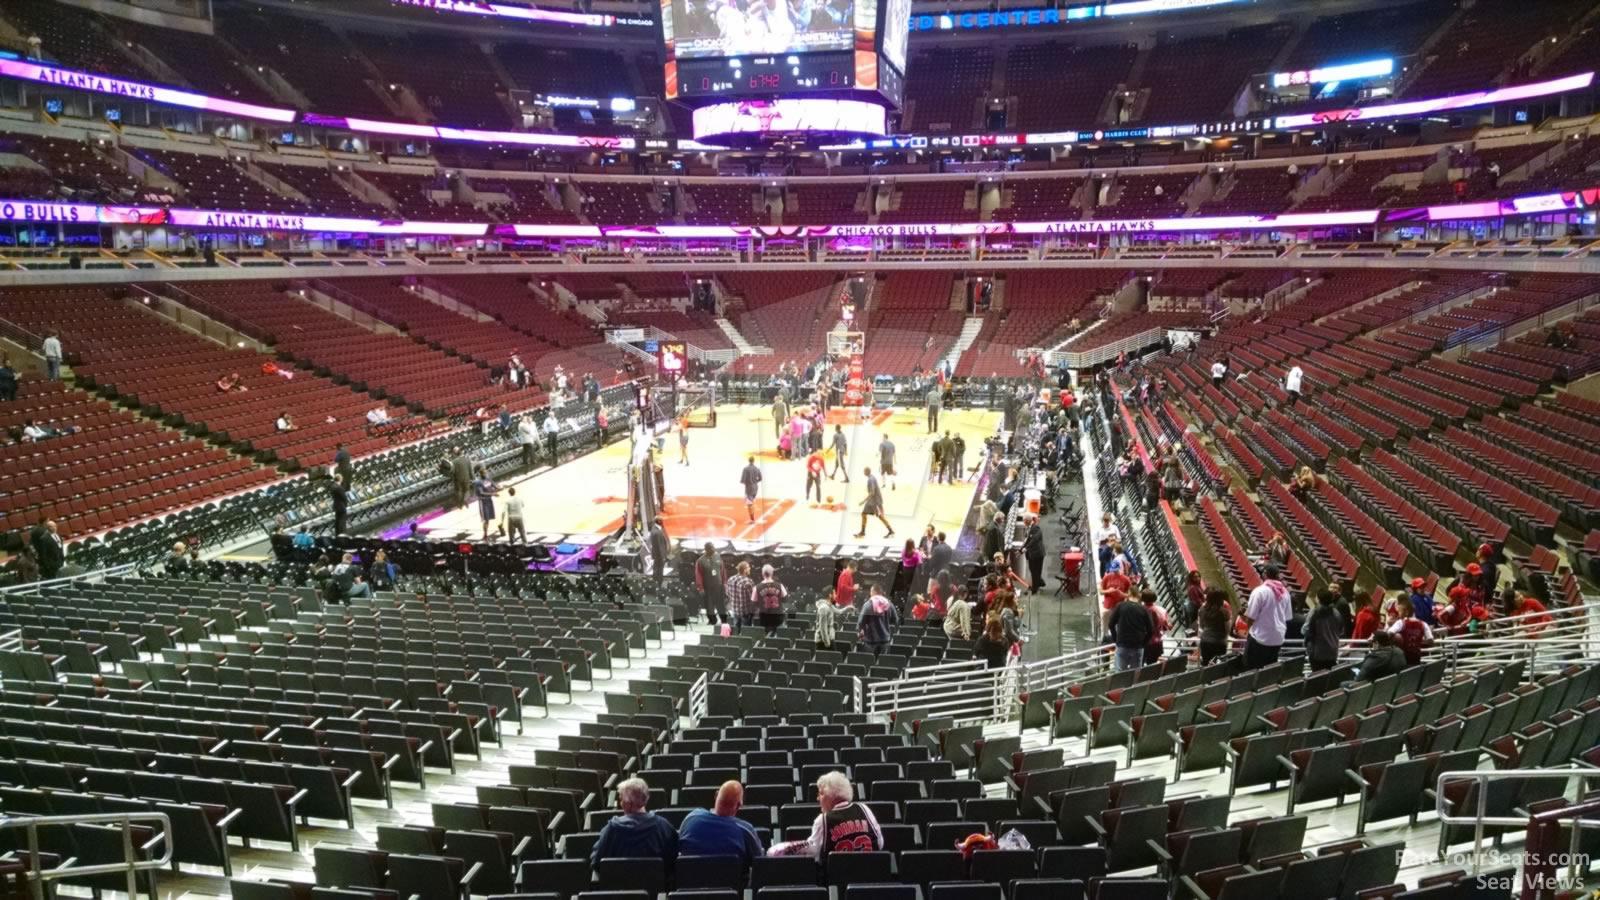 United Center Section 118 >> United Center Section 105 - Chicago Bulls - RateYourSeats.com